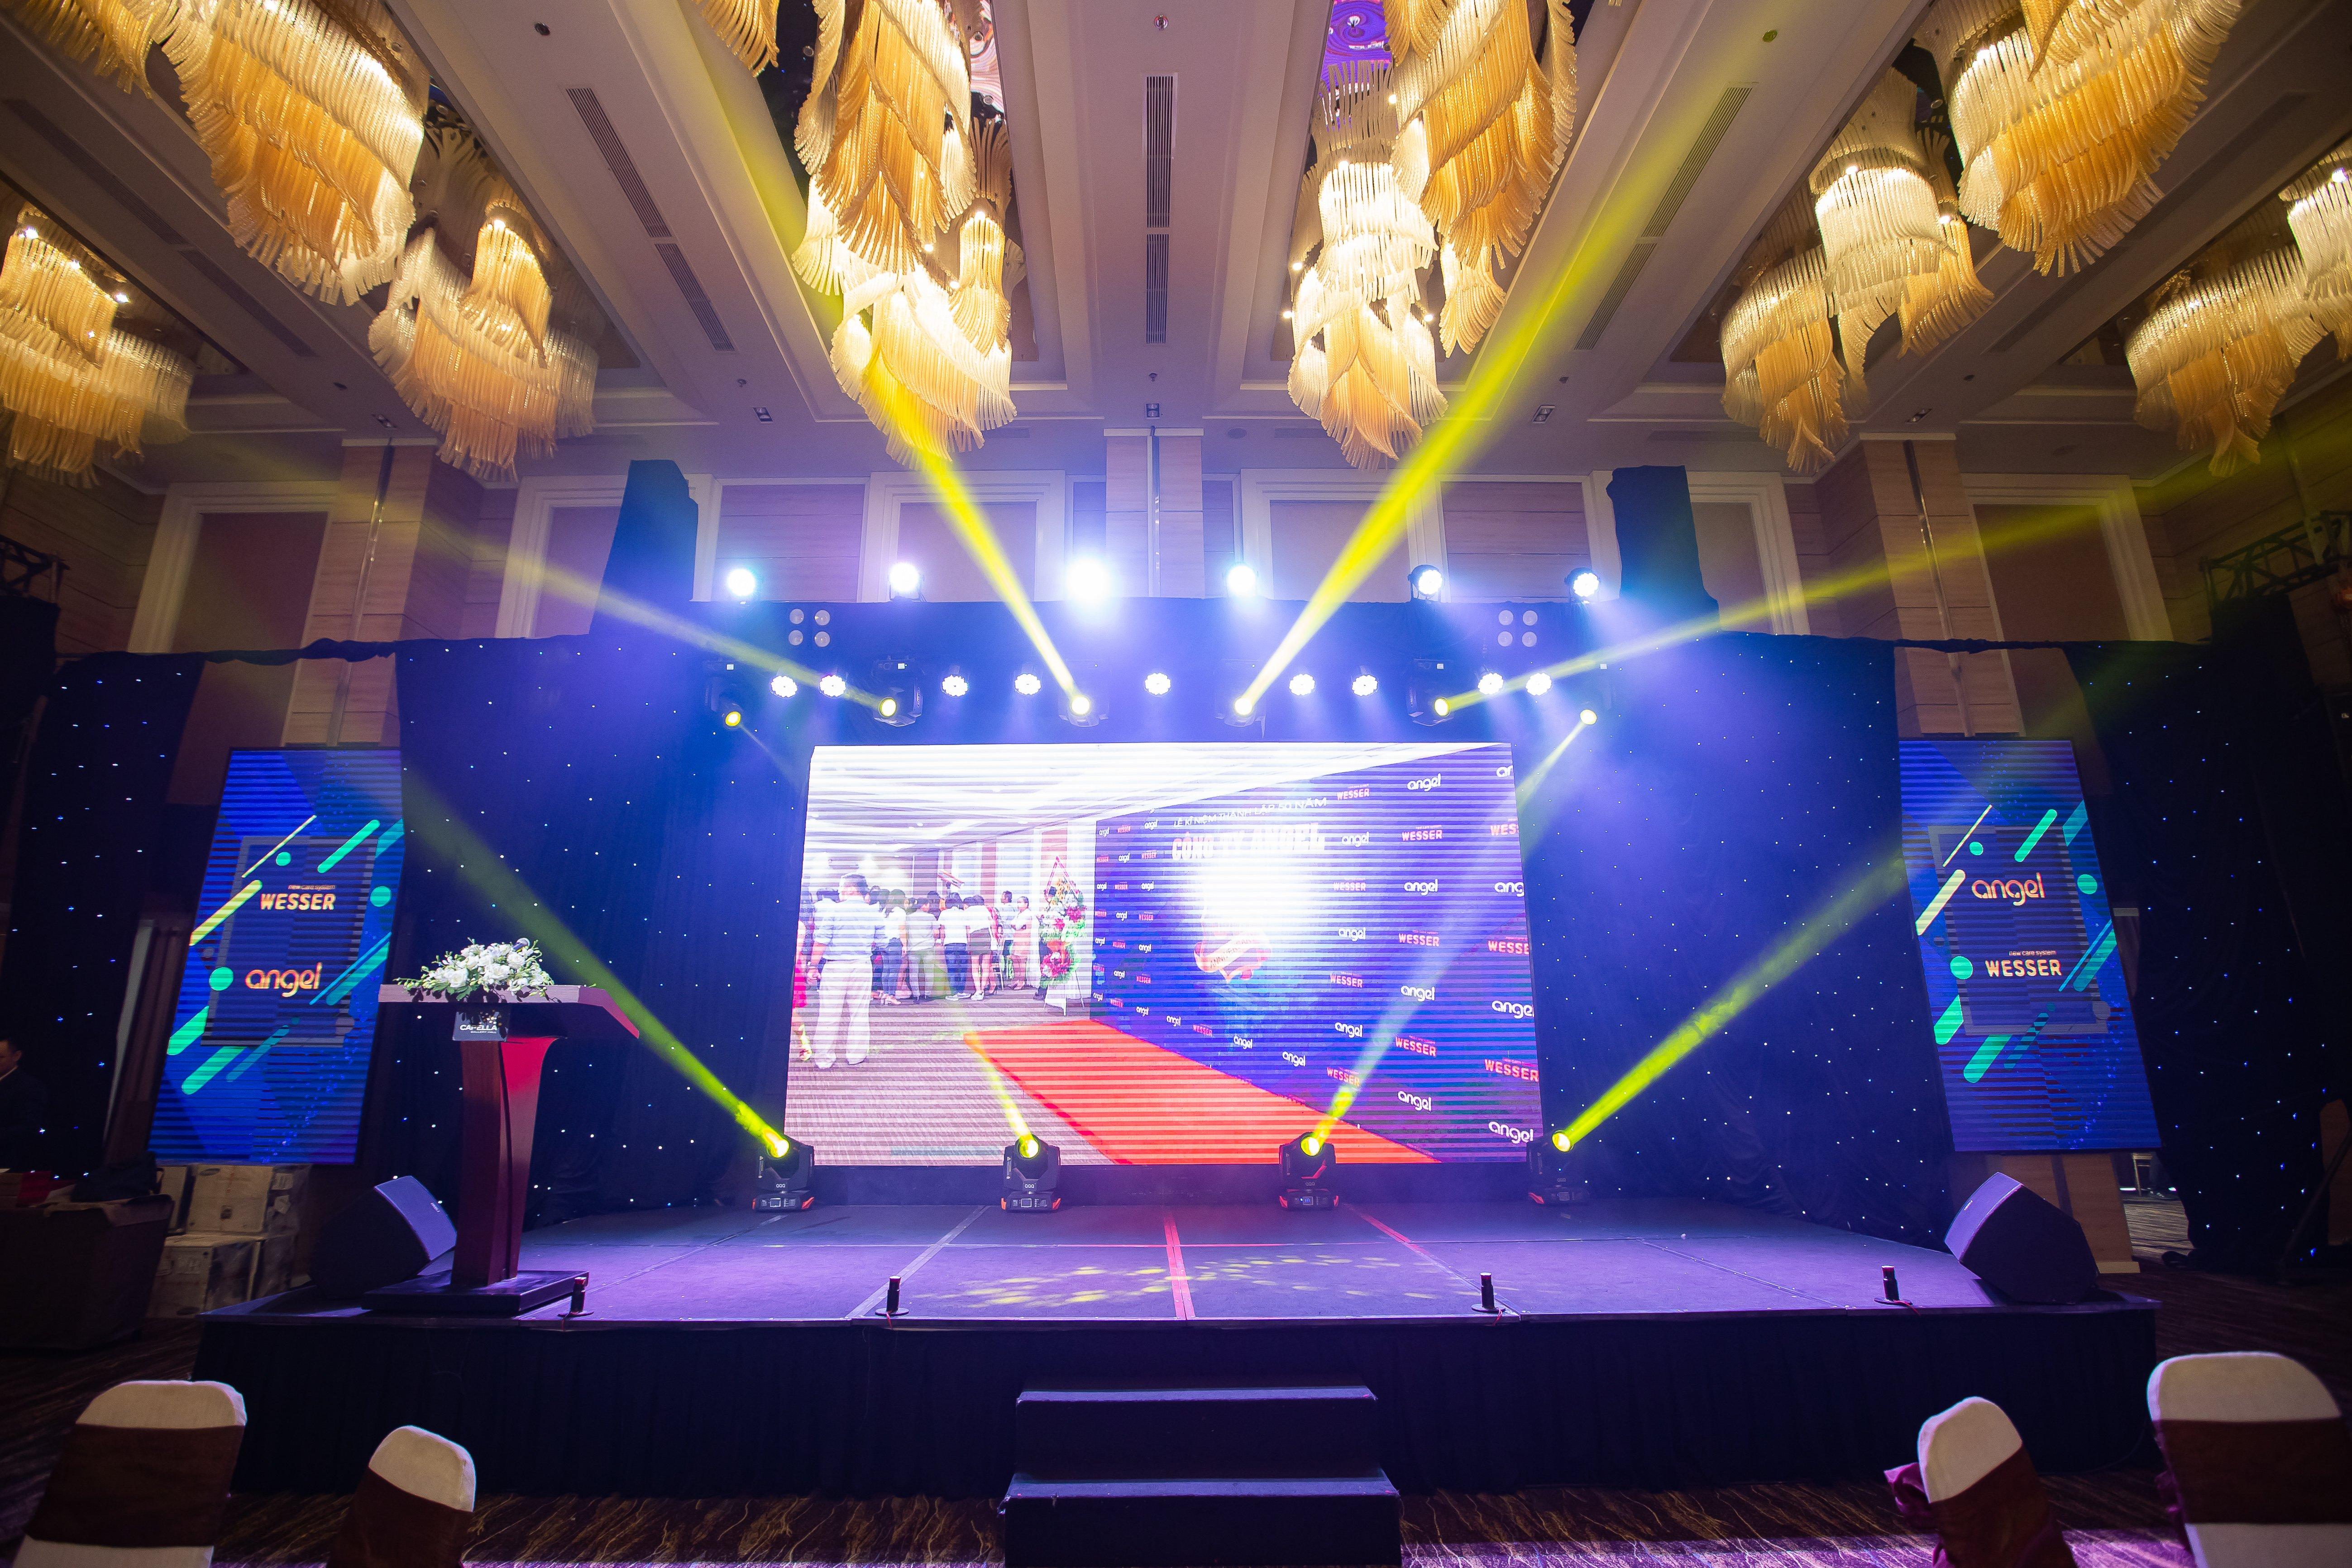 Trung tâm tổ chức sự kiện, tổ chức event chuyên nghiệp tại TPHCM